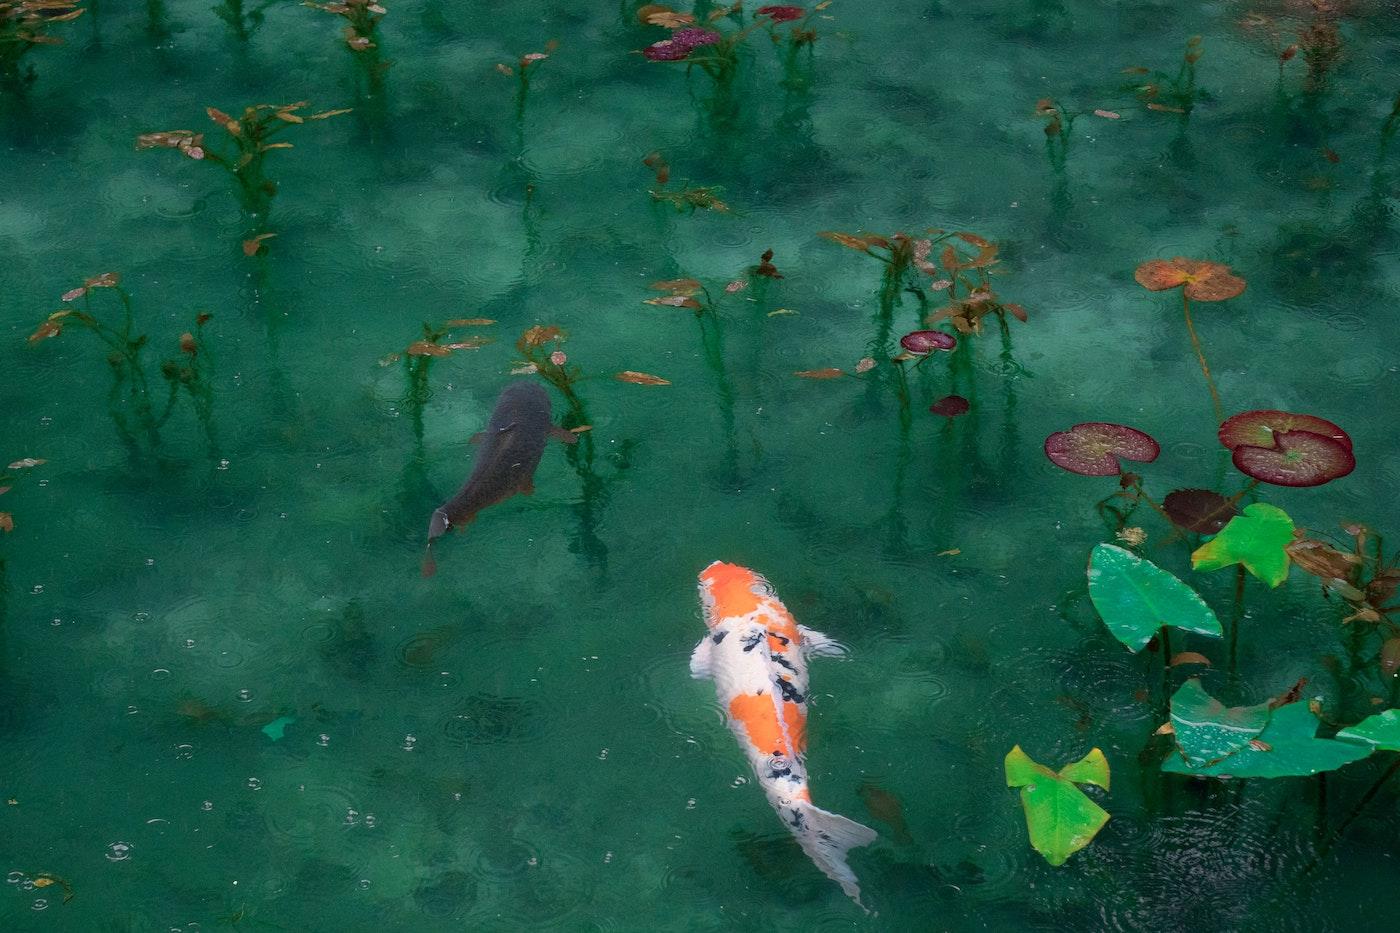 Adventurous Pond